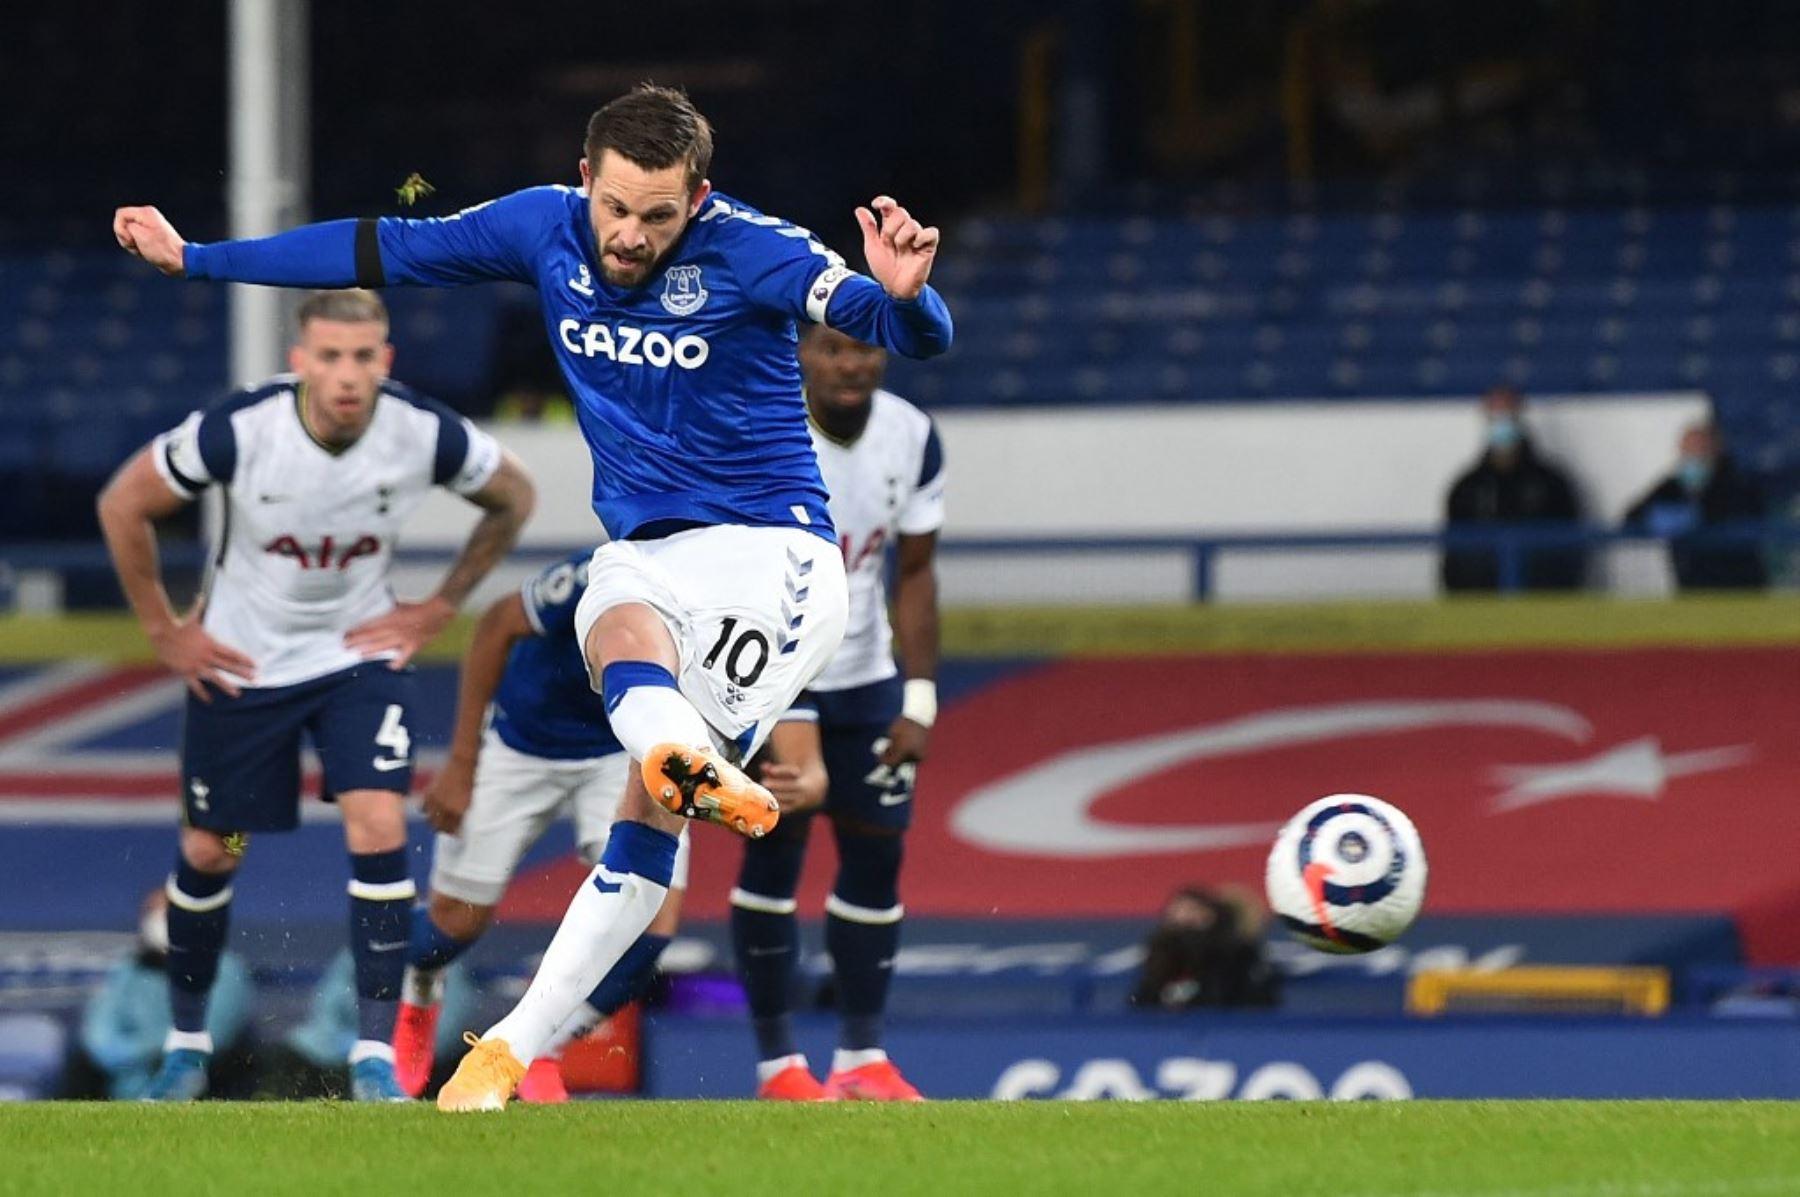 El centrocampista islandés del Everton, Gylfi Sigurdsson, marca el gol del empate desde el punto de penalti durante el partido de fútbol de la Premier League inglesa entre el Everton y el Tottenham Hotspur en Goodison Park en Liverpool, noroeste de Inglaterra. Foto: AFP